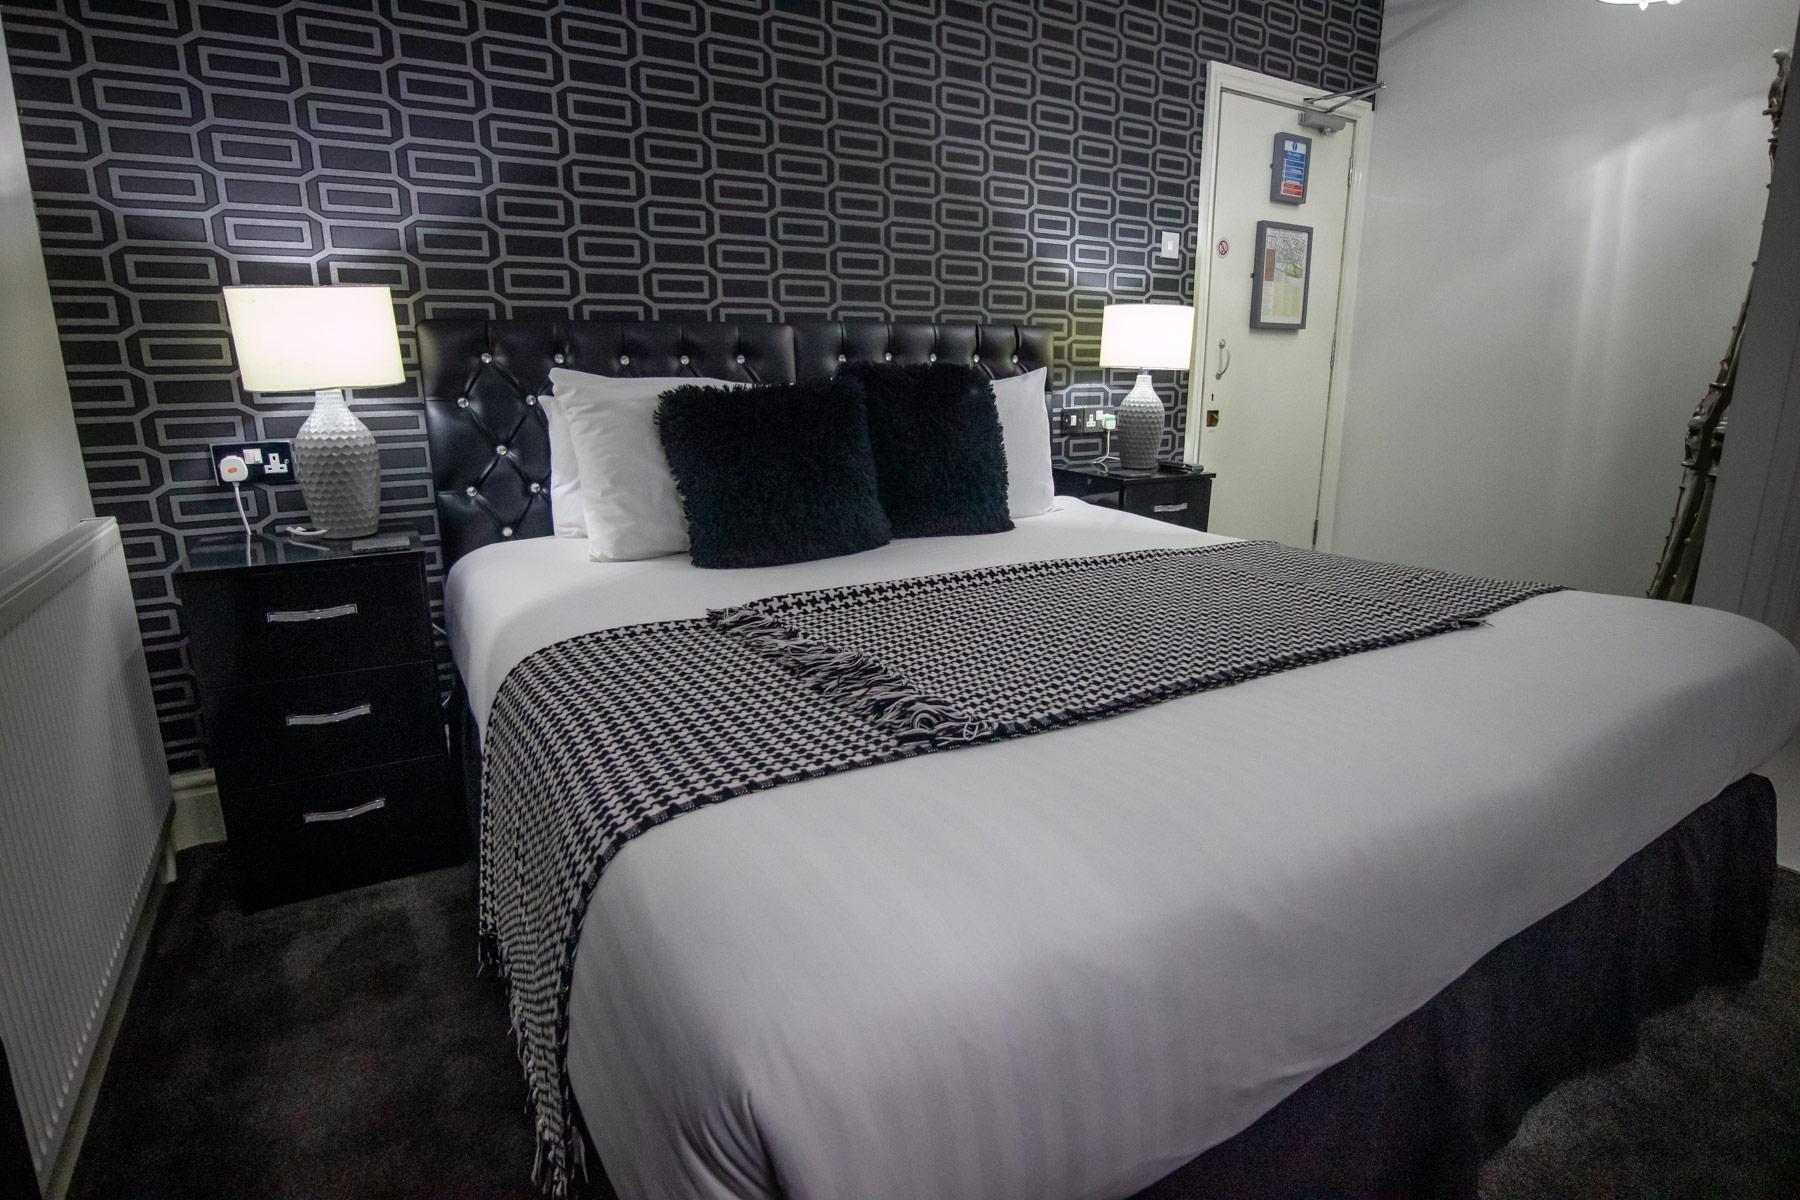 Sunnyside B&B in Southport Super kingsize bed